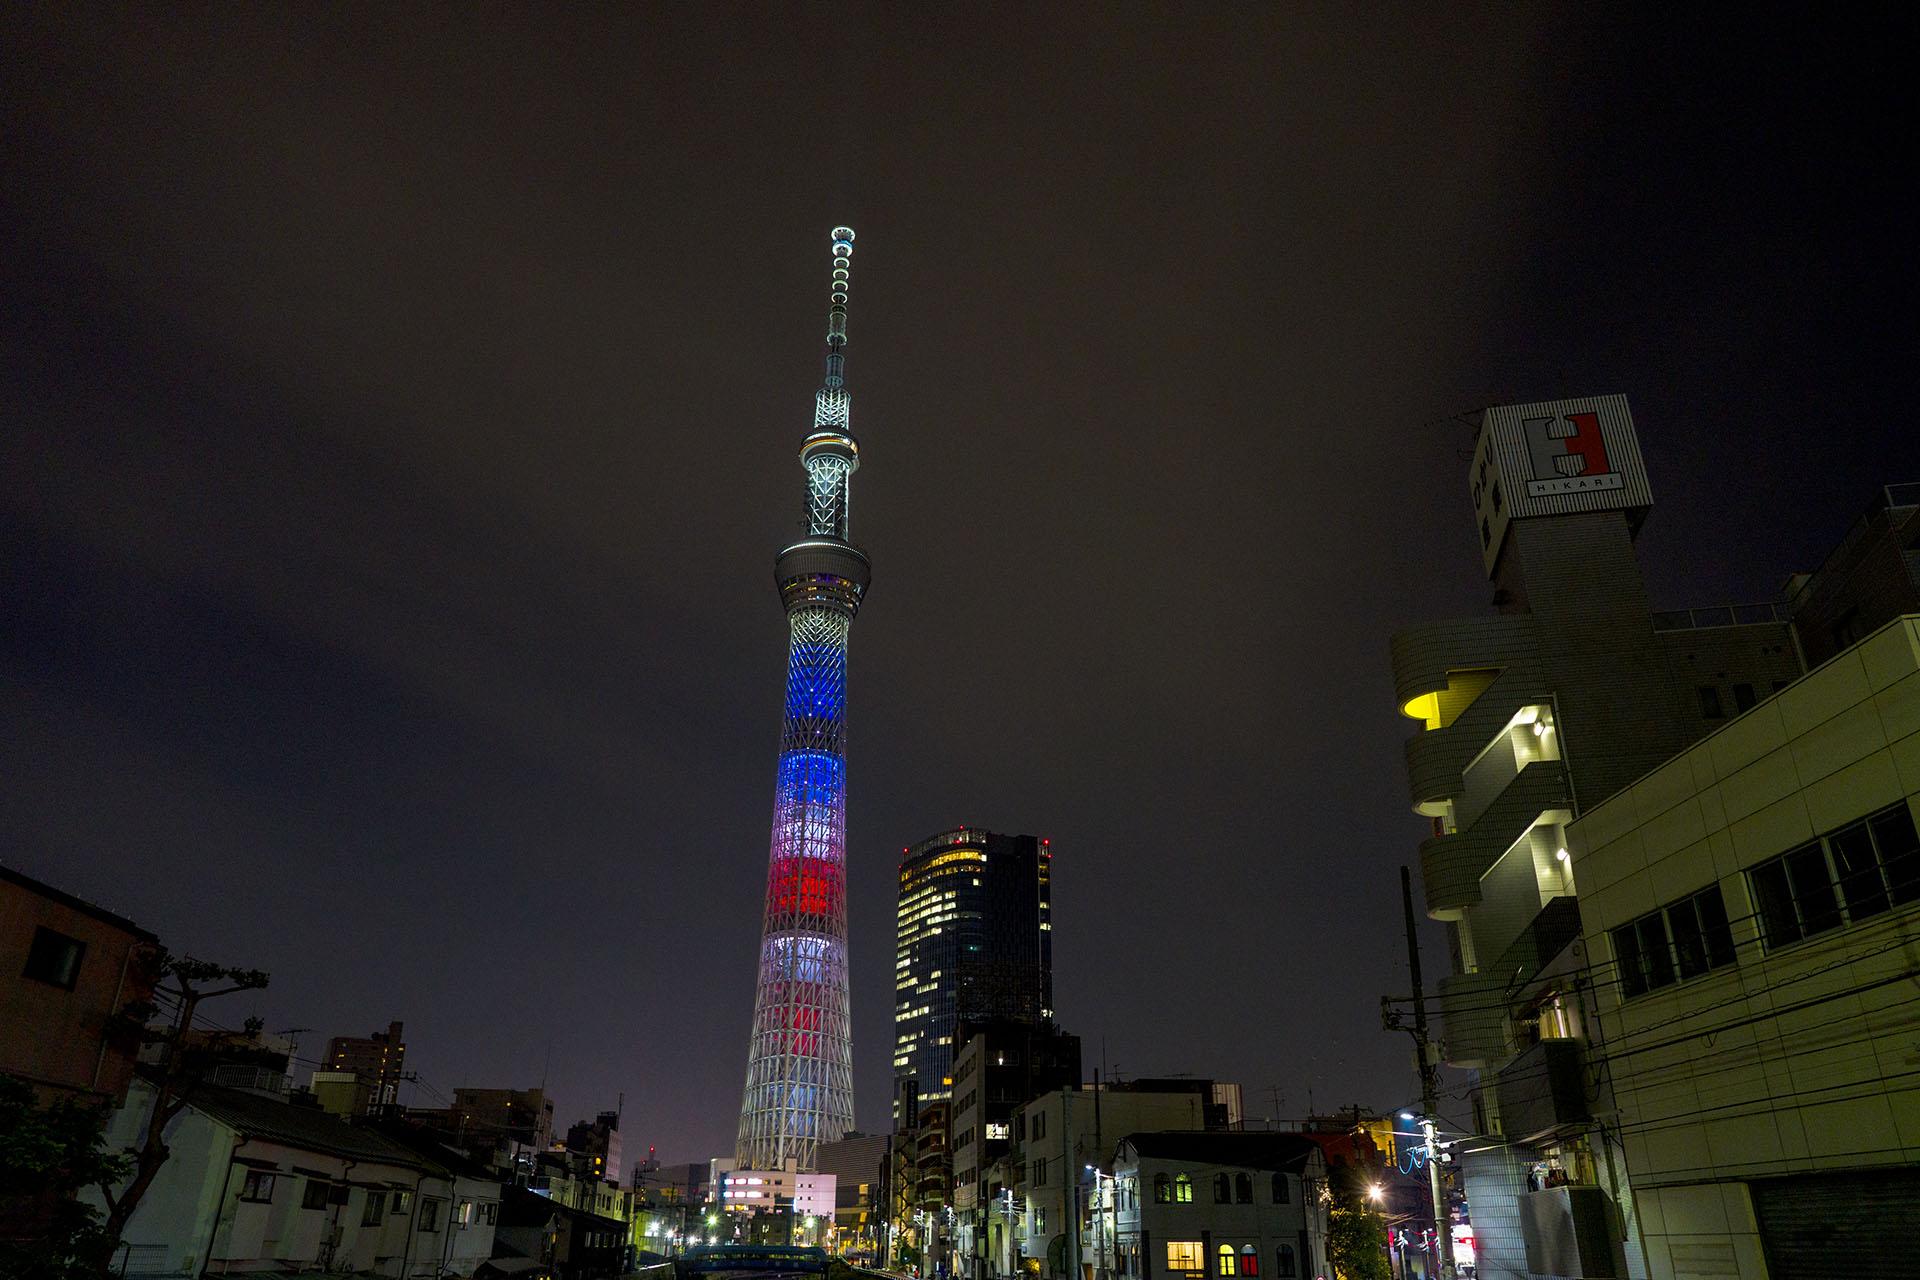 トランプ米大統領来日で星条旗色になった東京スカイツリー